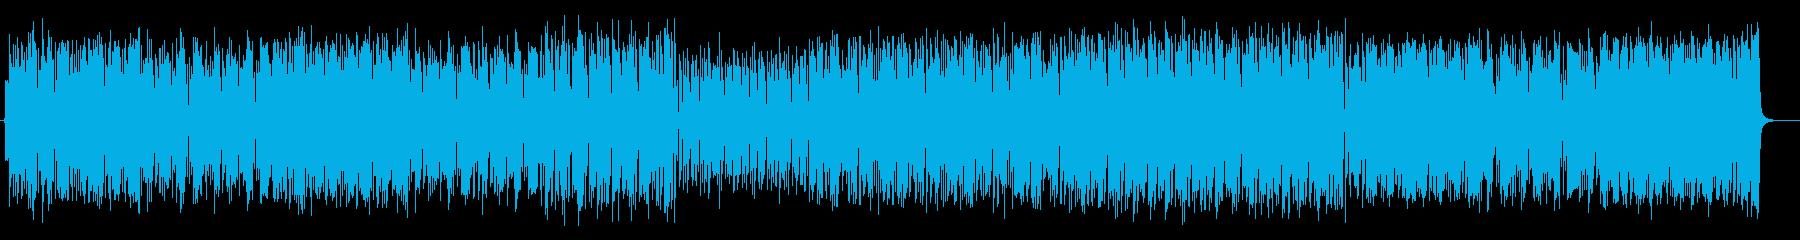 コミカルな効果音入りで楽しいポップスの再生済みの波形